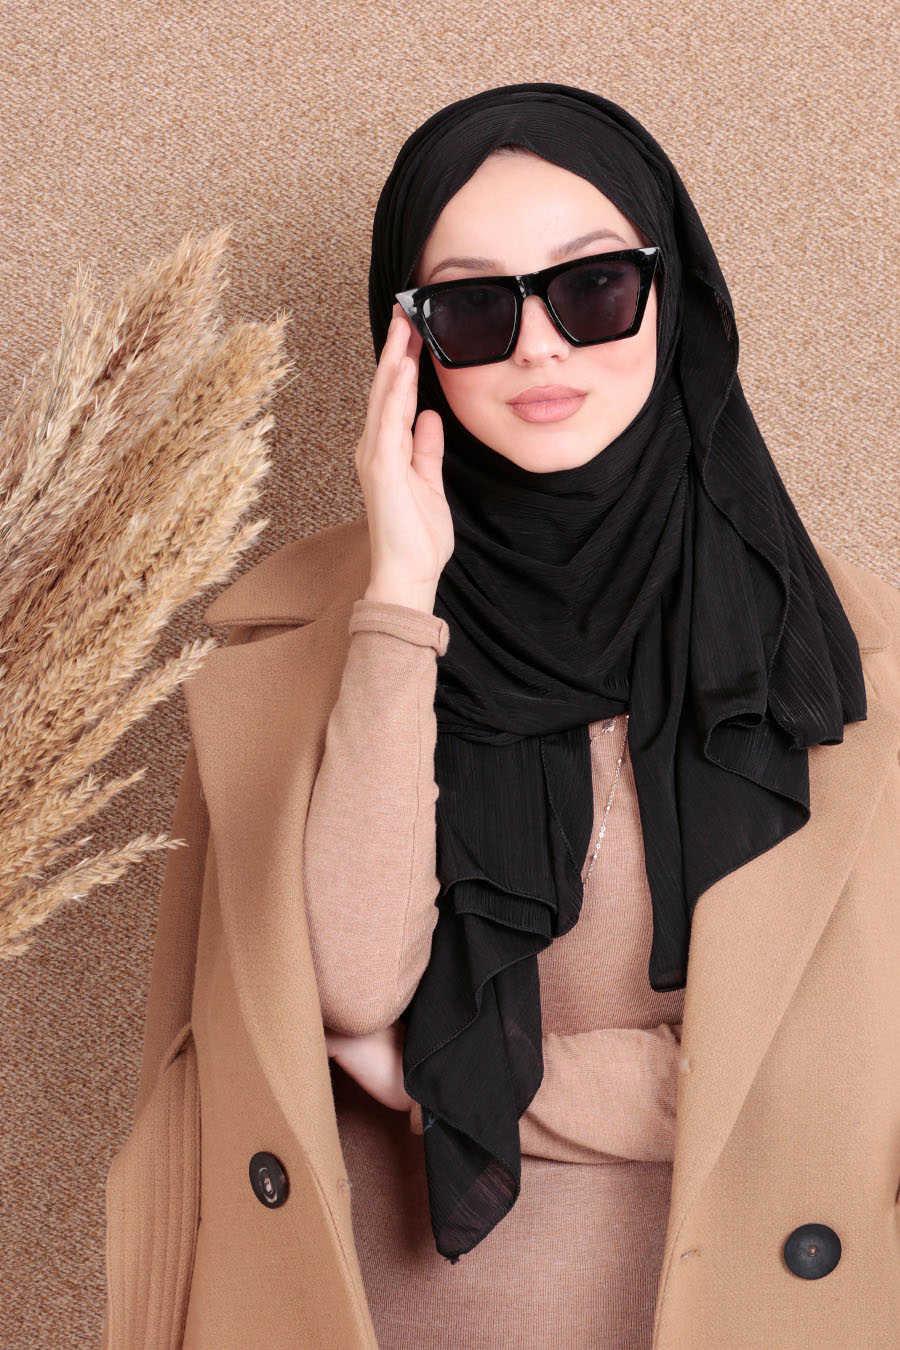 Shawl - Neva Style Black Shawl 7494S